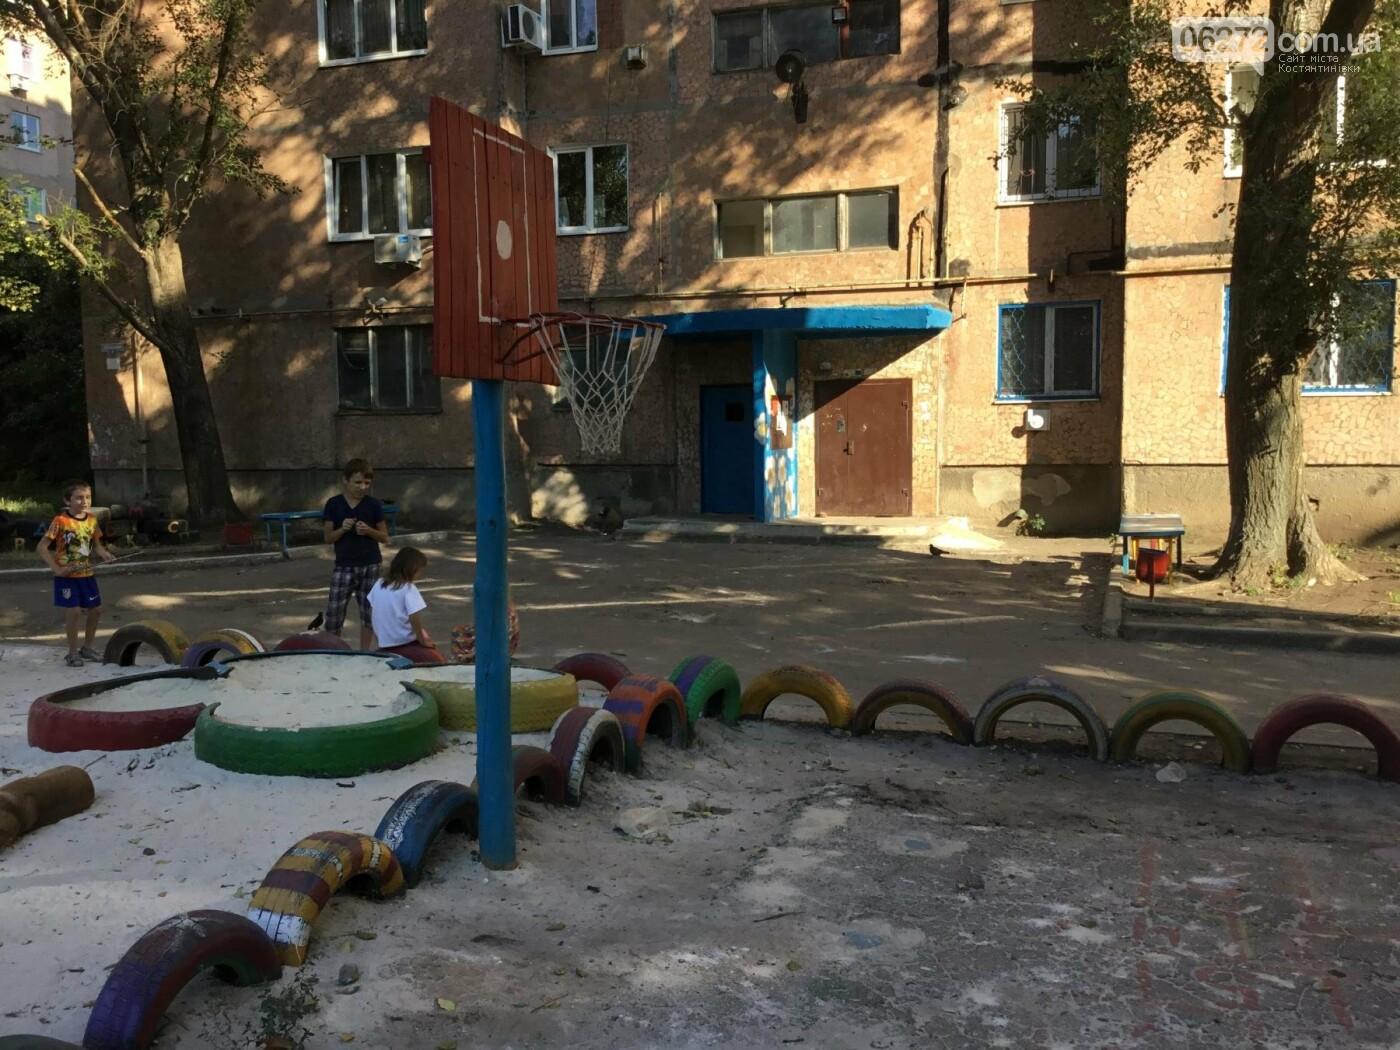 В Константиновке по ул. Безнощенко молодежь сделала спортивную площадку для детей, фото-1